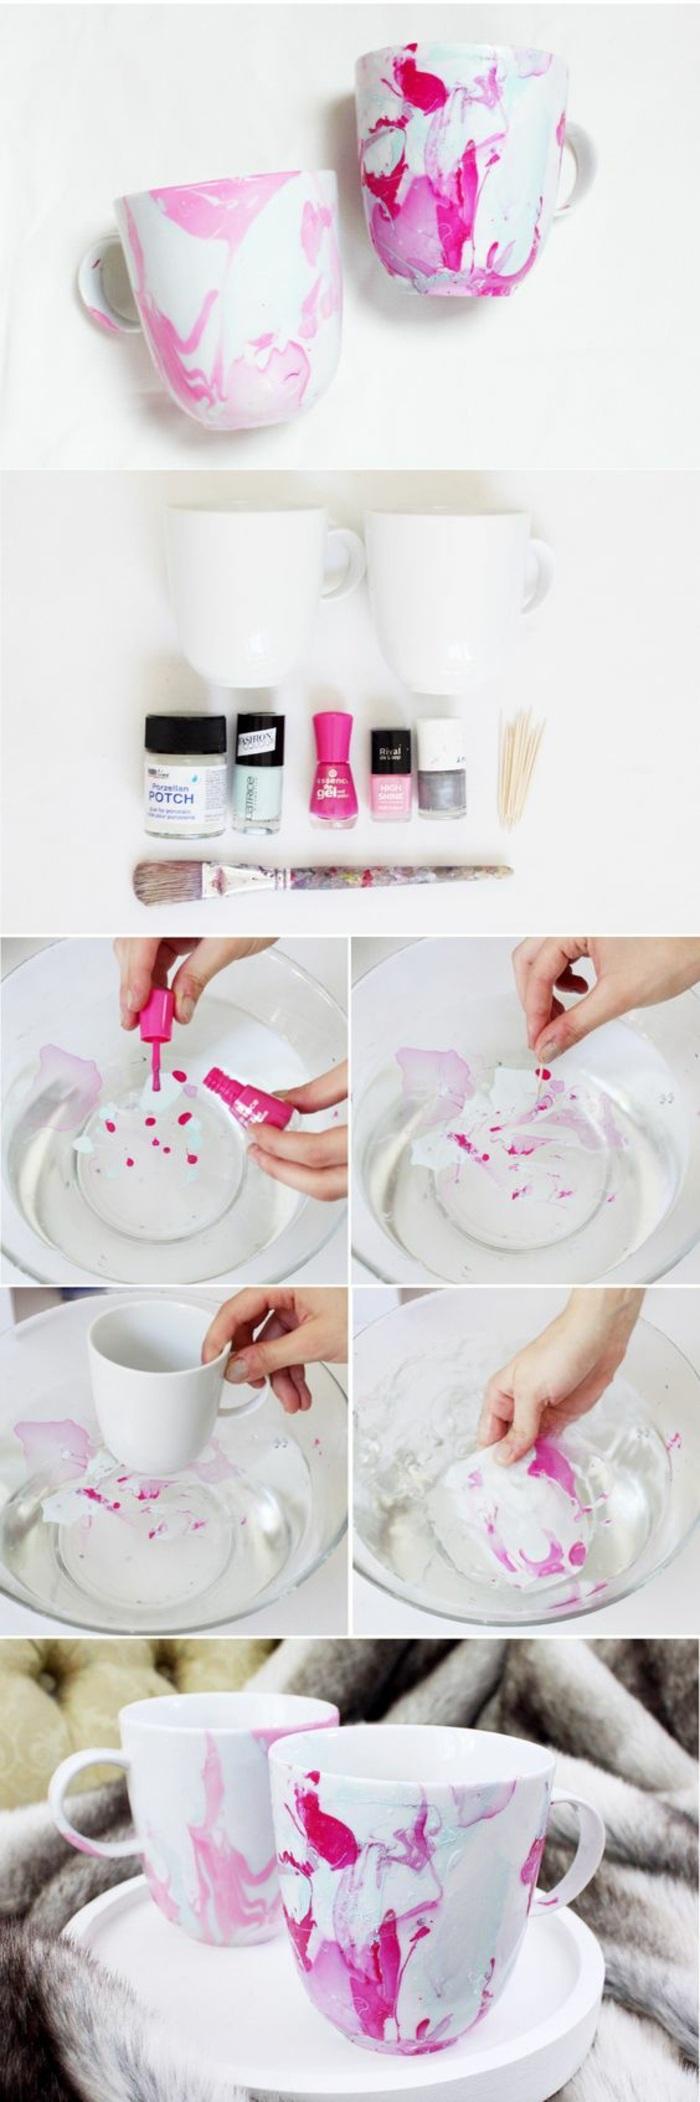 exemple comment décorer un mug blanc avec vernis à ongle, technique déco avec eau et vernis à ongles sur porcelaine